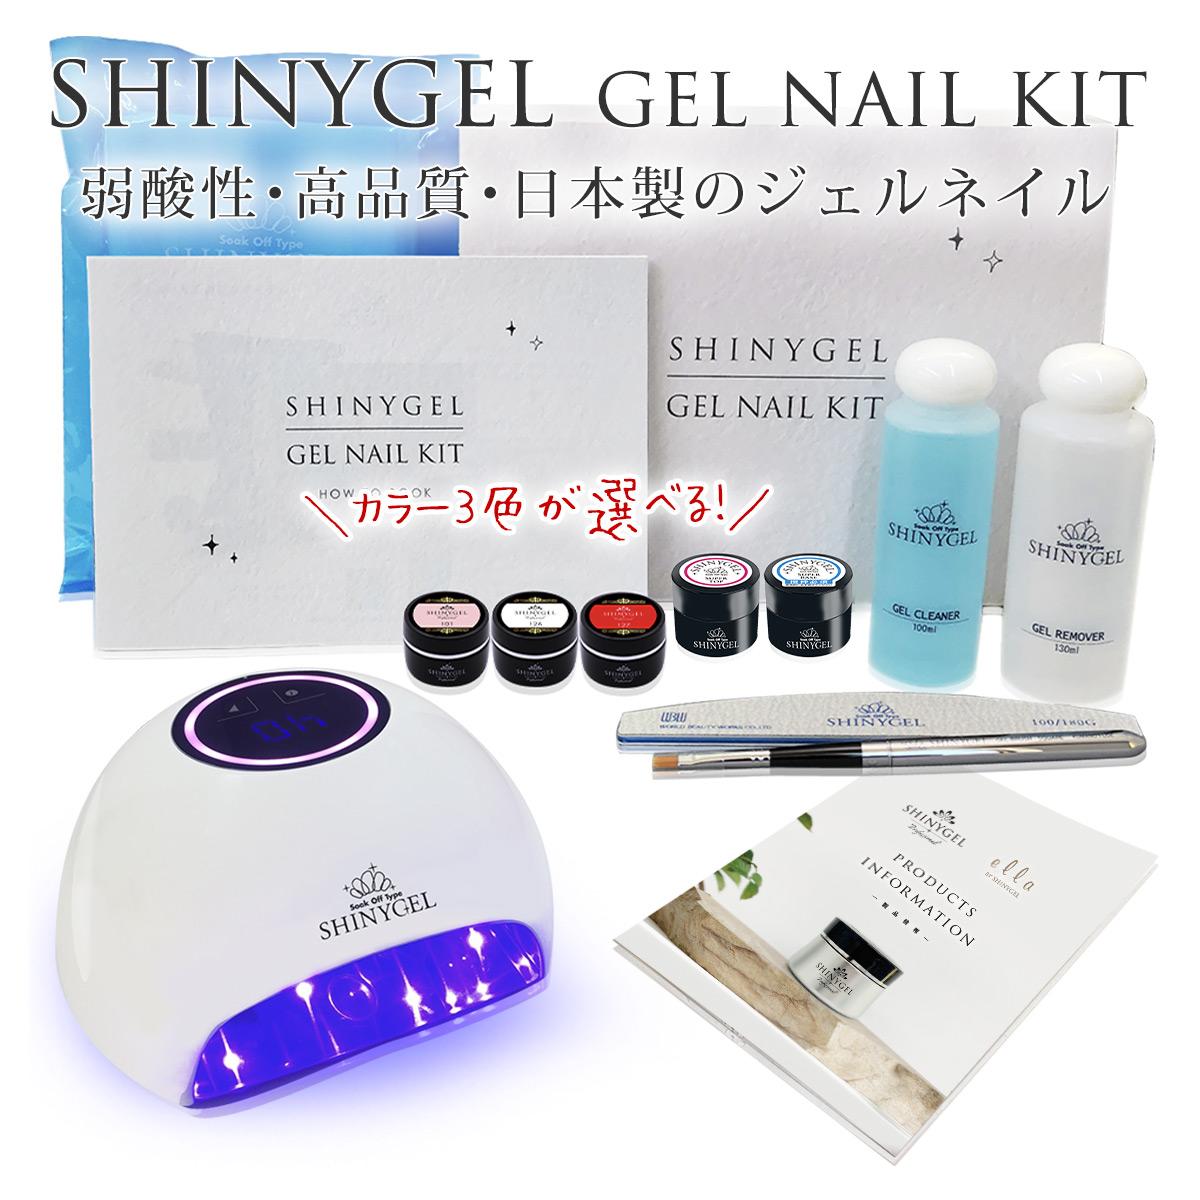 【レビューを書いてプレゼントGET】[LED]≪限定セット16W≫SHINYGEL(シャイニージェル):ジェルネイルキット(16W LEDランプ付)